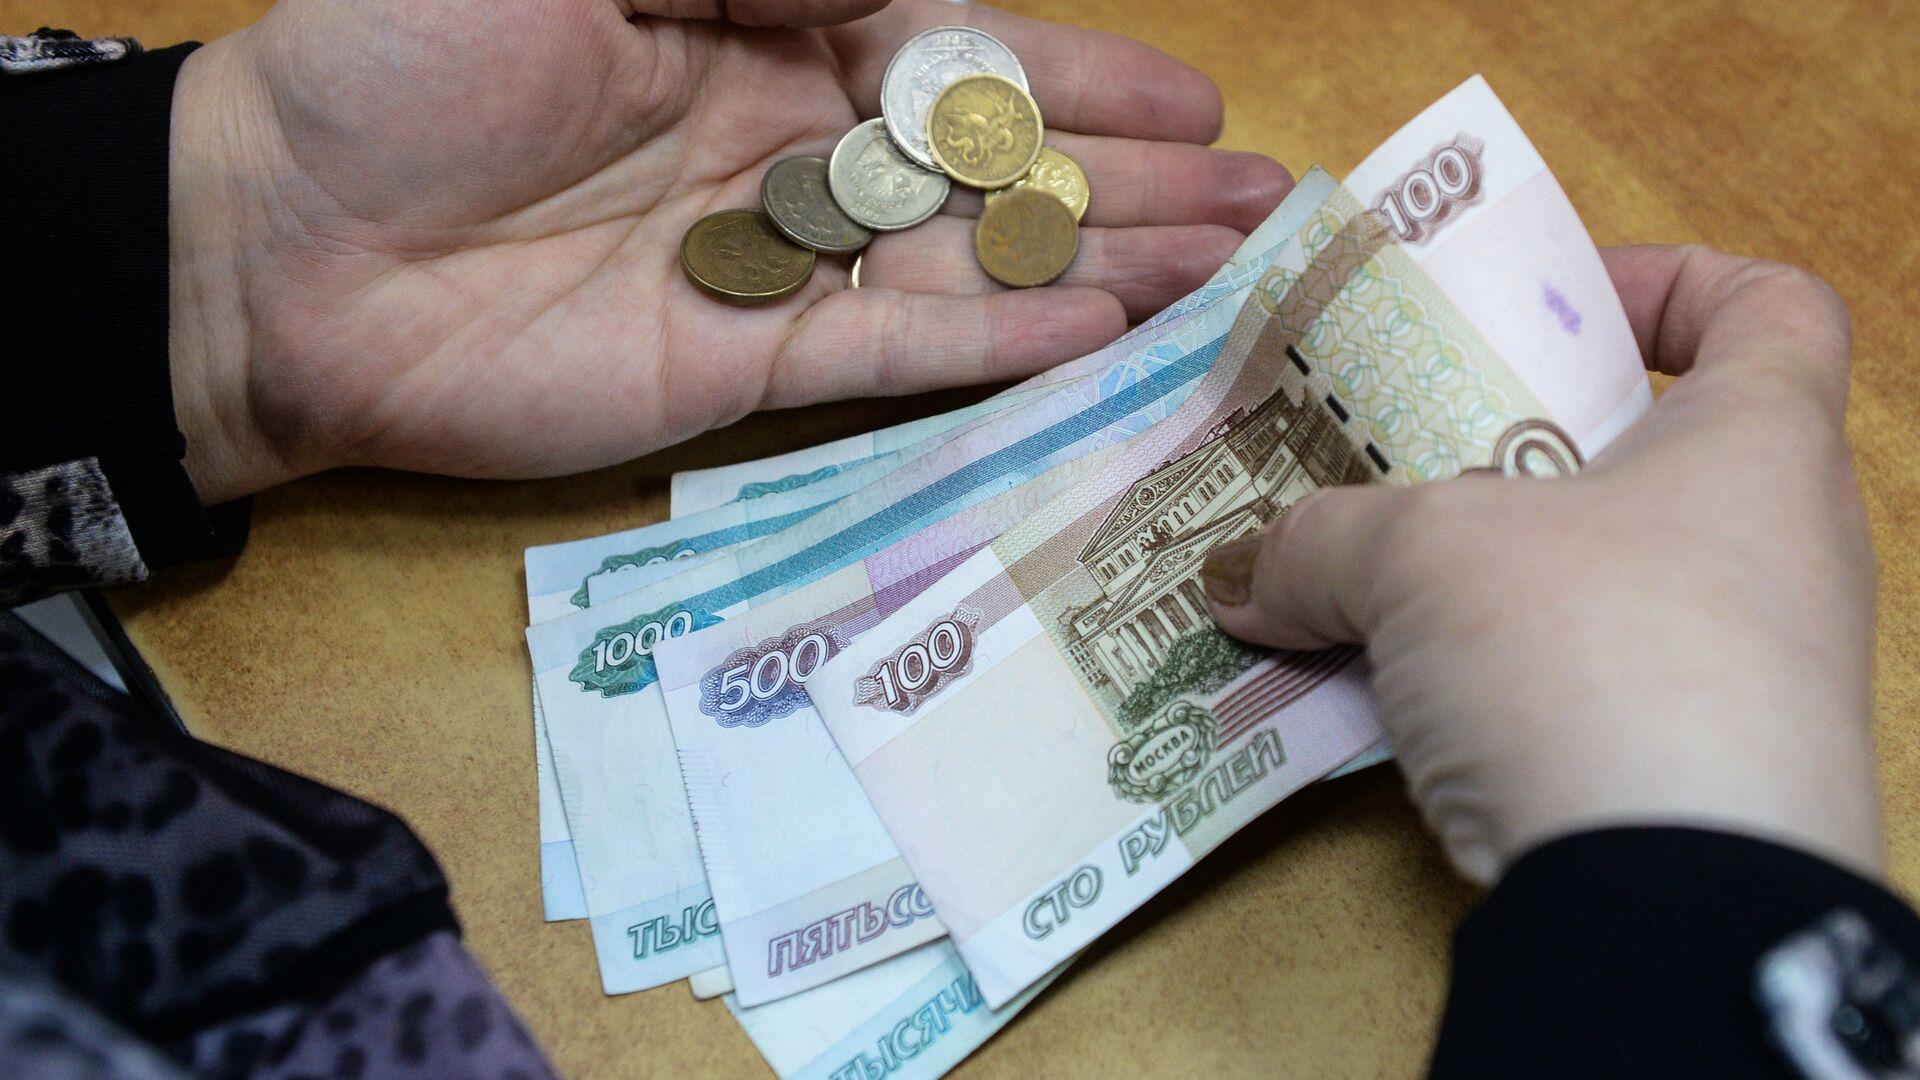 Выплата пенсии в одном из отделений Почты России - РИА Новости, 1920, 15.04.2021